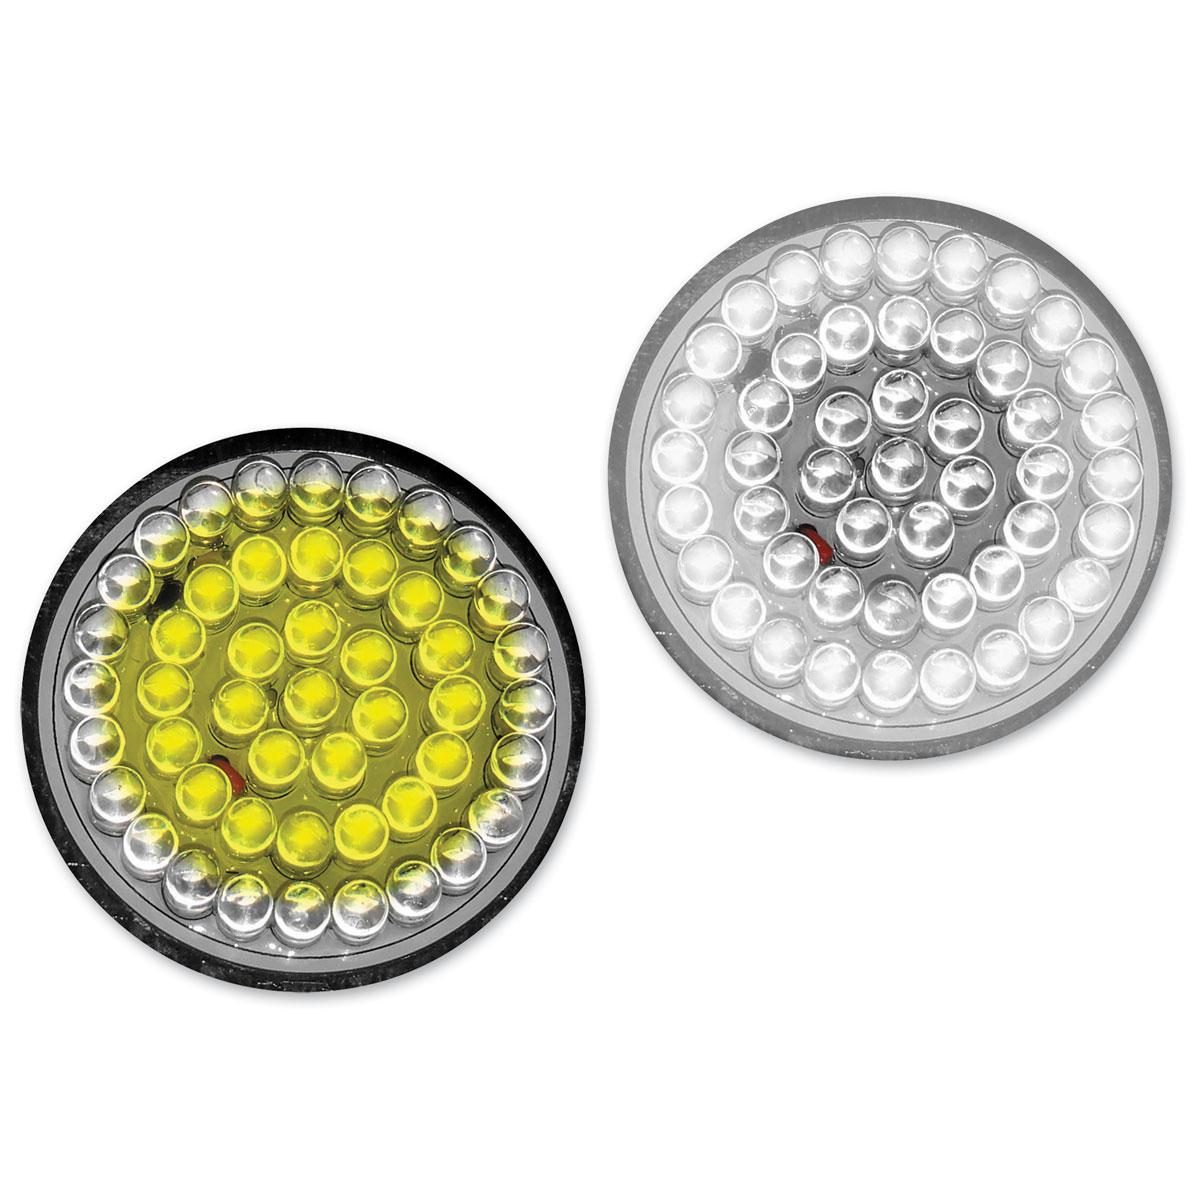 Radiantz Haloz White LED DRL With Amber Turn Signal Inserts - 9500-58